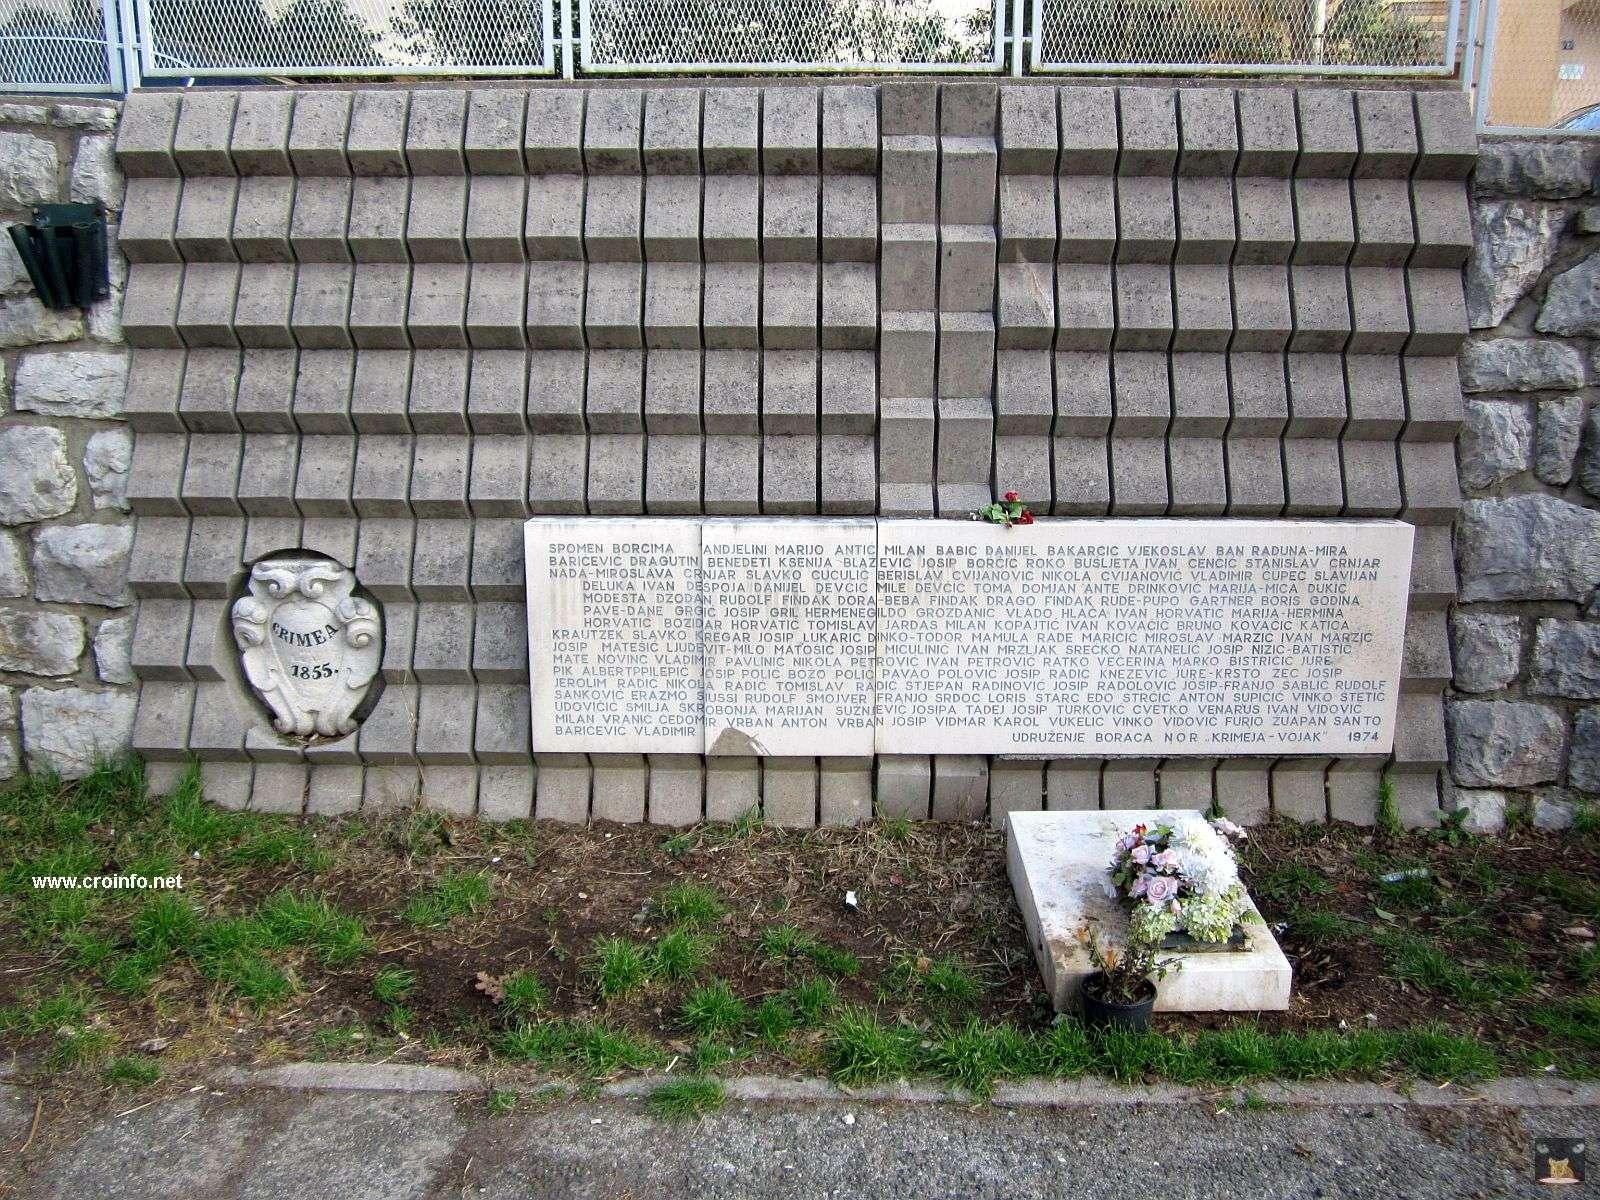 krimeja spomenik nob crimea 1855